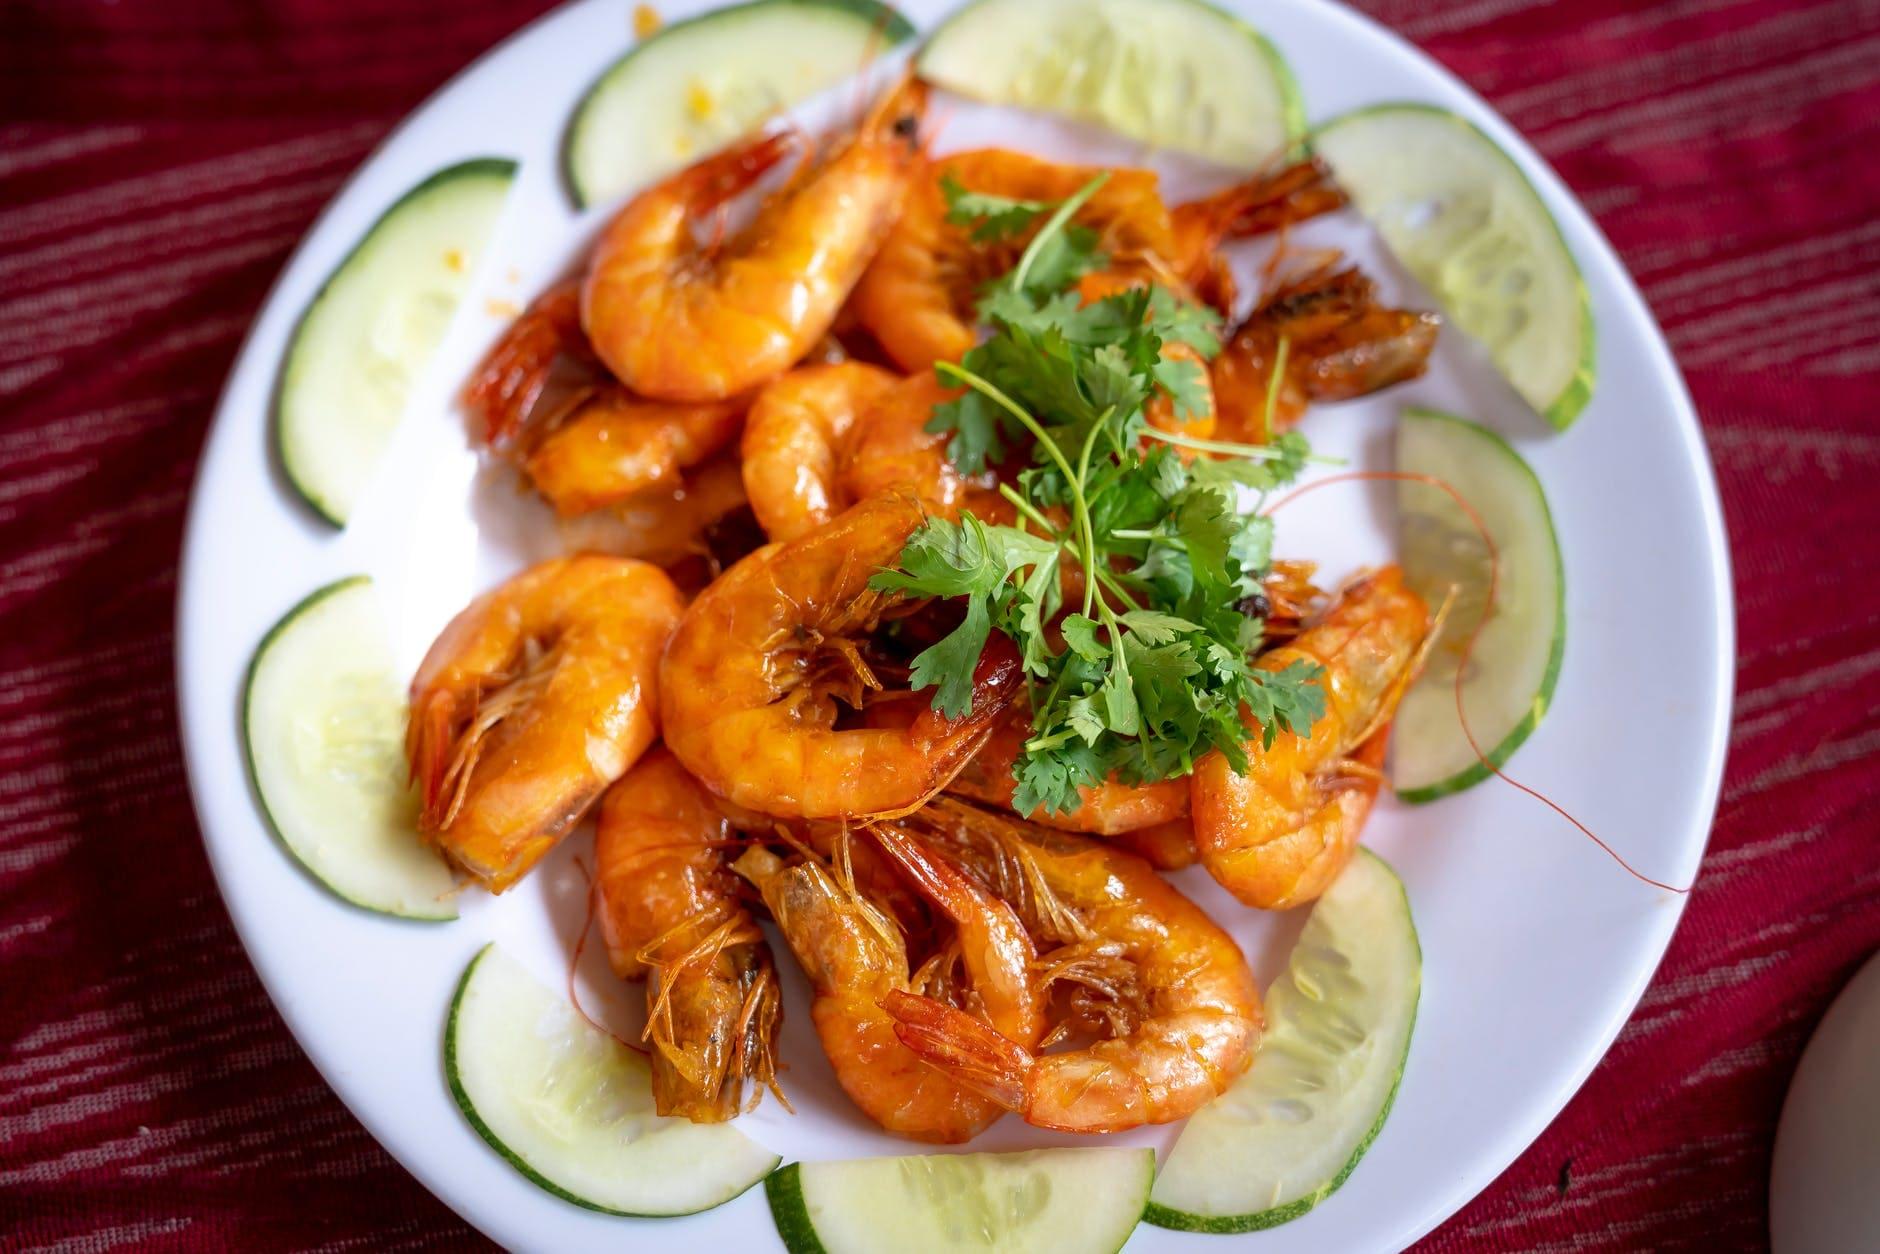 How to make a calamari salad